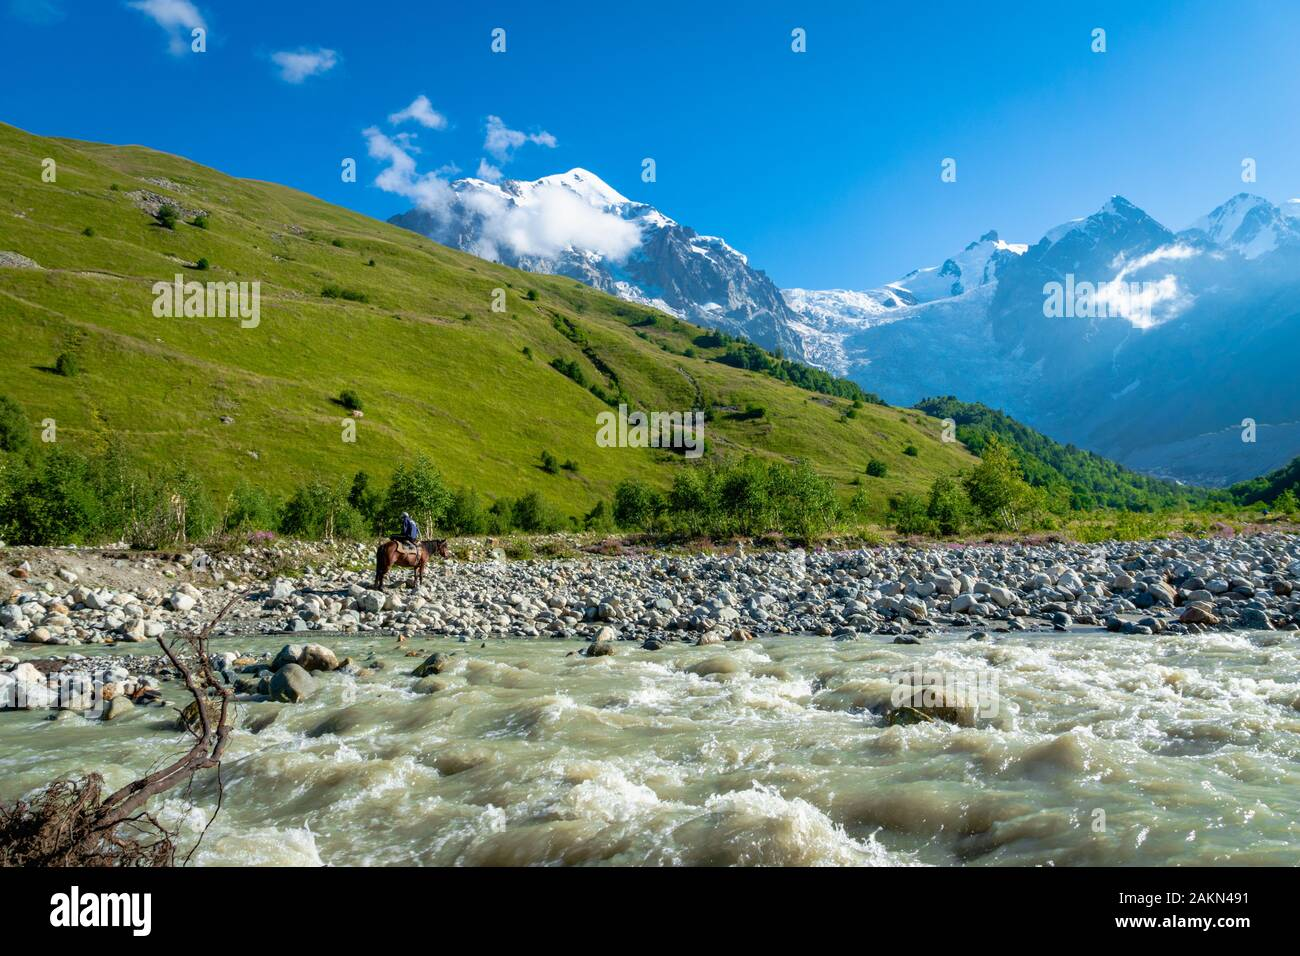 Svaneti il paesaggio con le montagne e il fiume sul trekking ed escursionismo itinerario vicino a Mestia villaggio nella regione di Svaneti, Georgia. Foto Stock